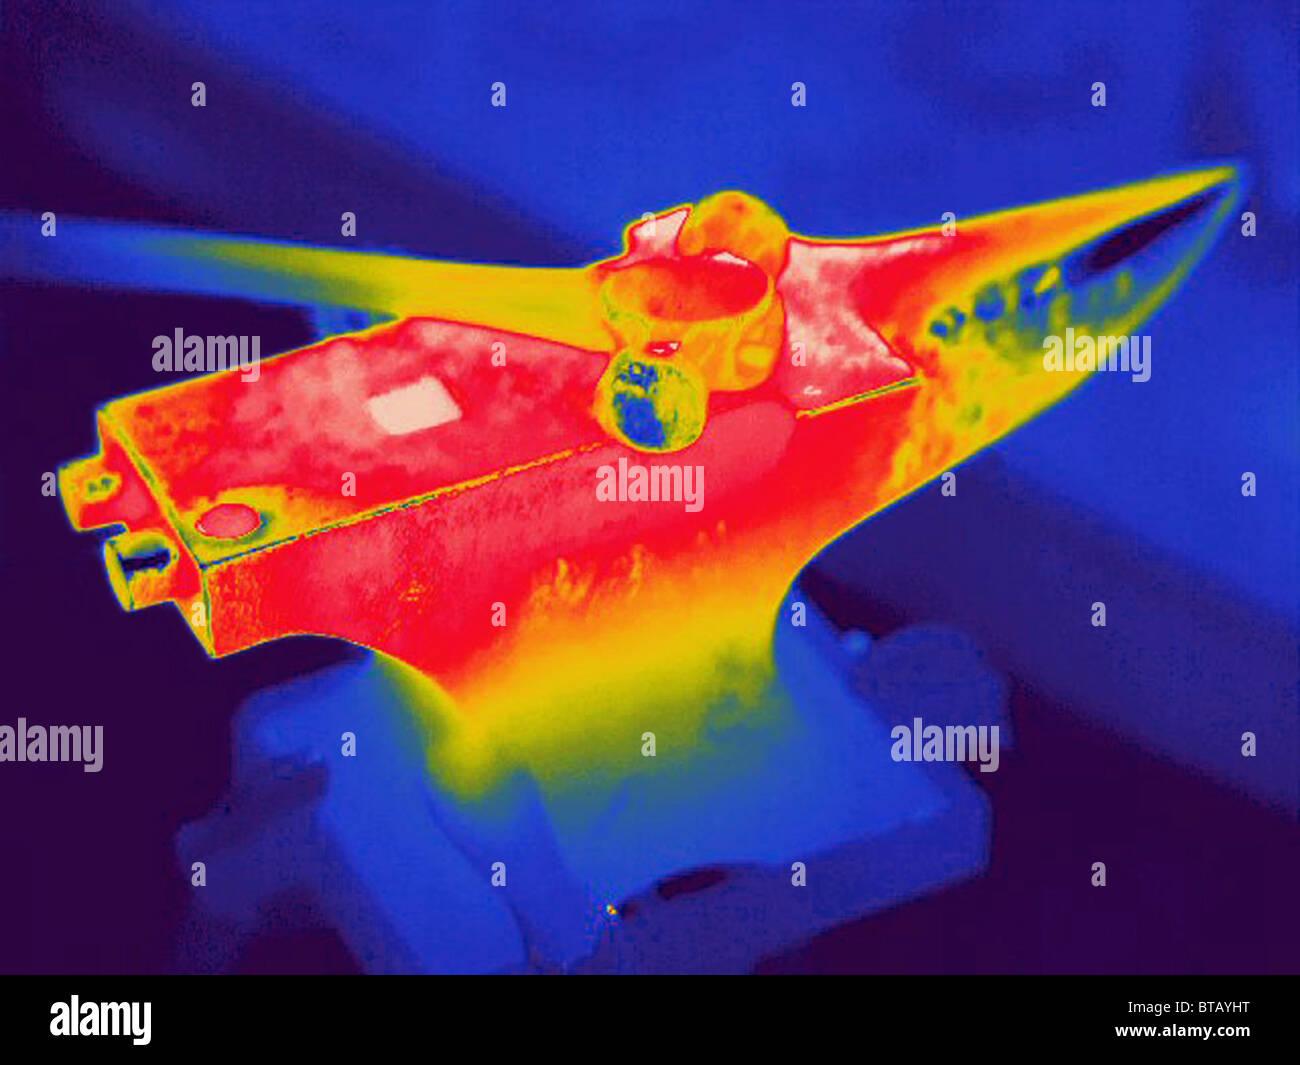 Immagine termica di un caldo martello e l'incudine Immagini Stock